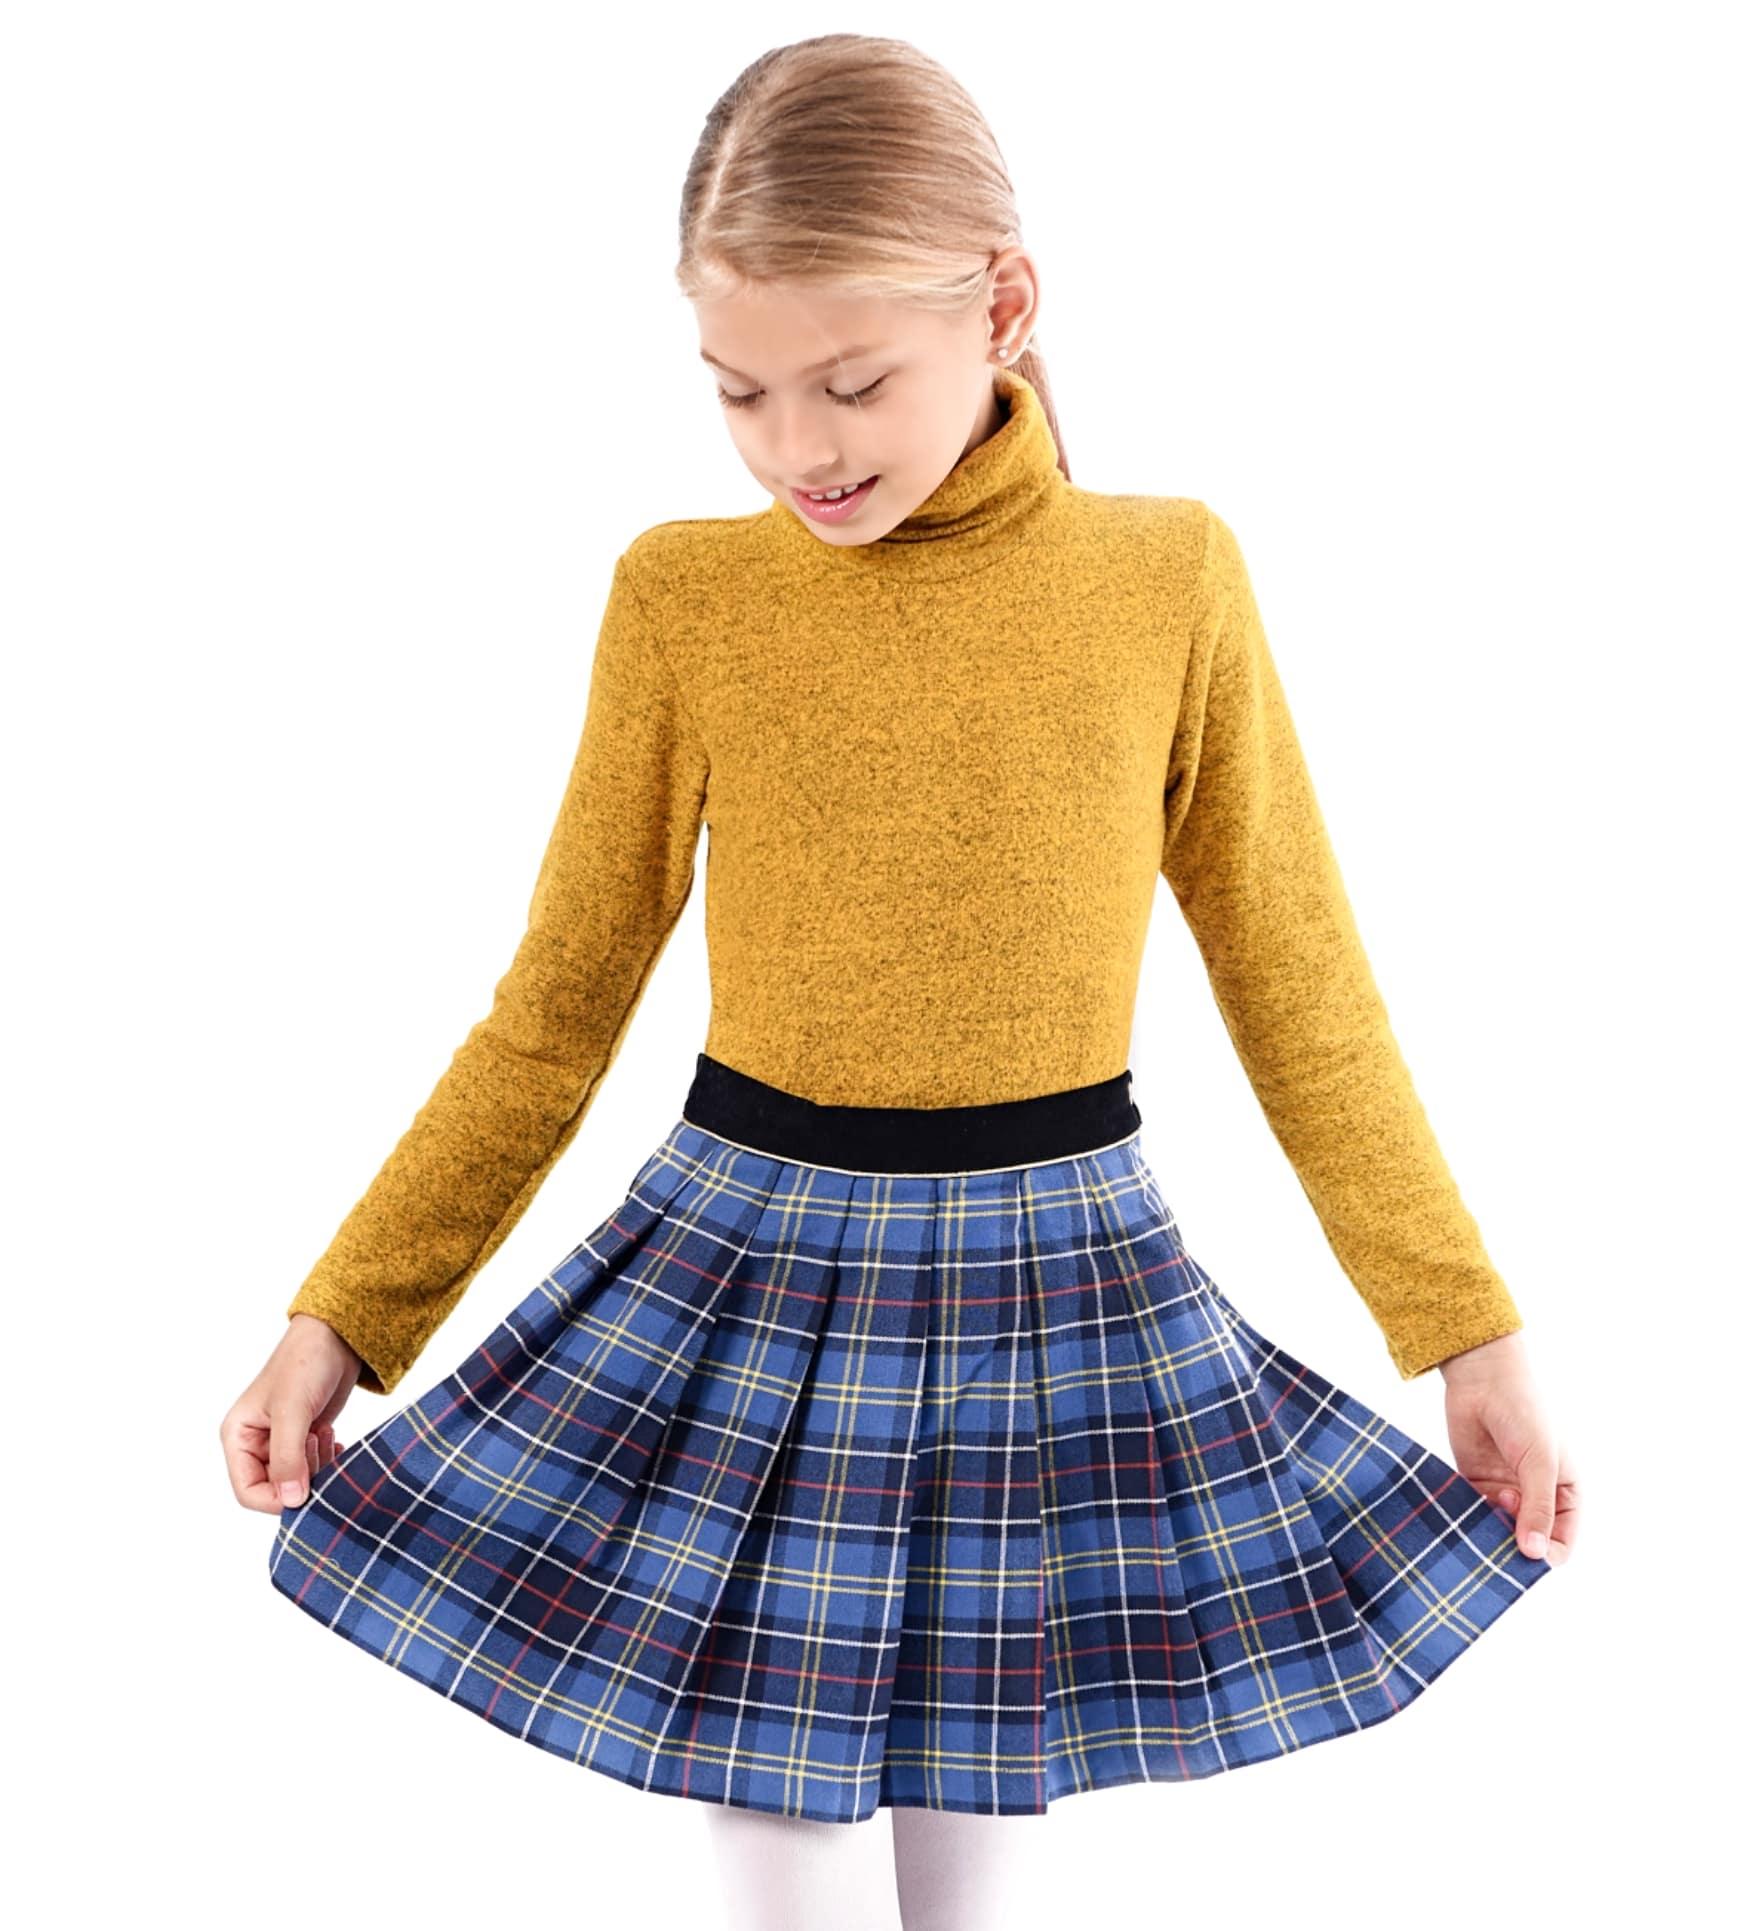 Jupe écossaise plissée à carreaux tartan bleu roi et fils jaune et rouge pour petites filles et ados de 2 à 14 ans. Ceinture en velours noir et biais contrasté sous la ceinture doré. Ouverture sur le côté avec bouton pression et fermeture éclair. Marque créateur française LA FAUTE A VOLTAIRE